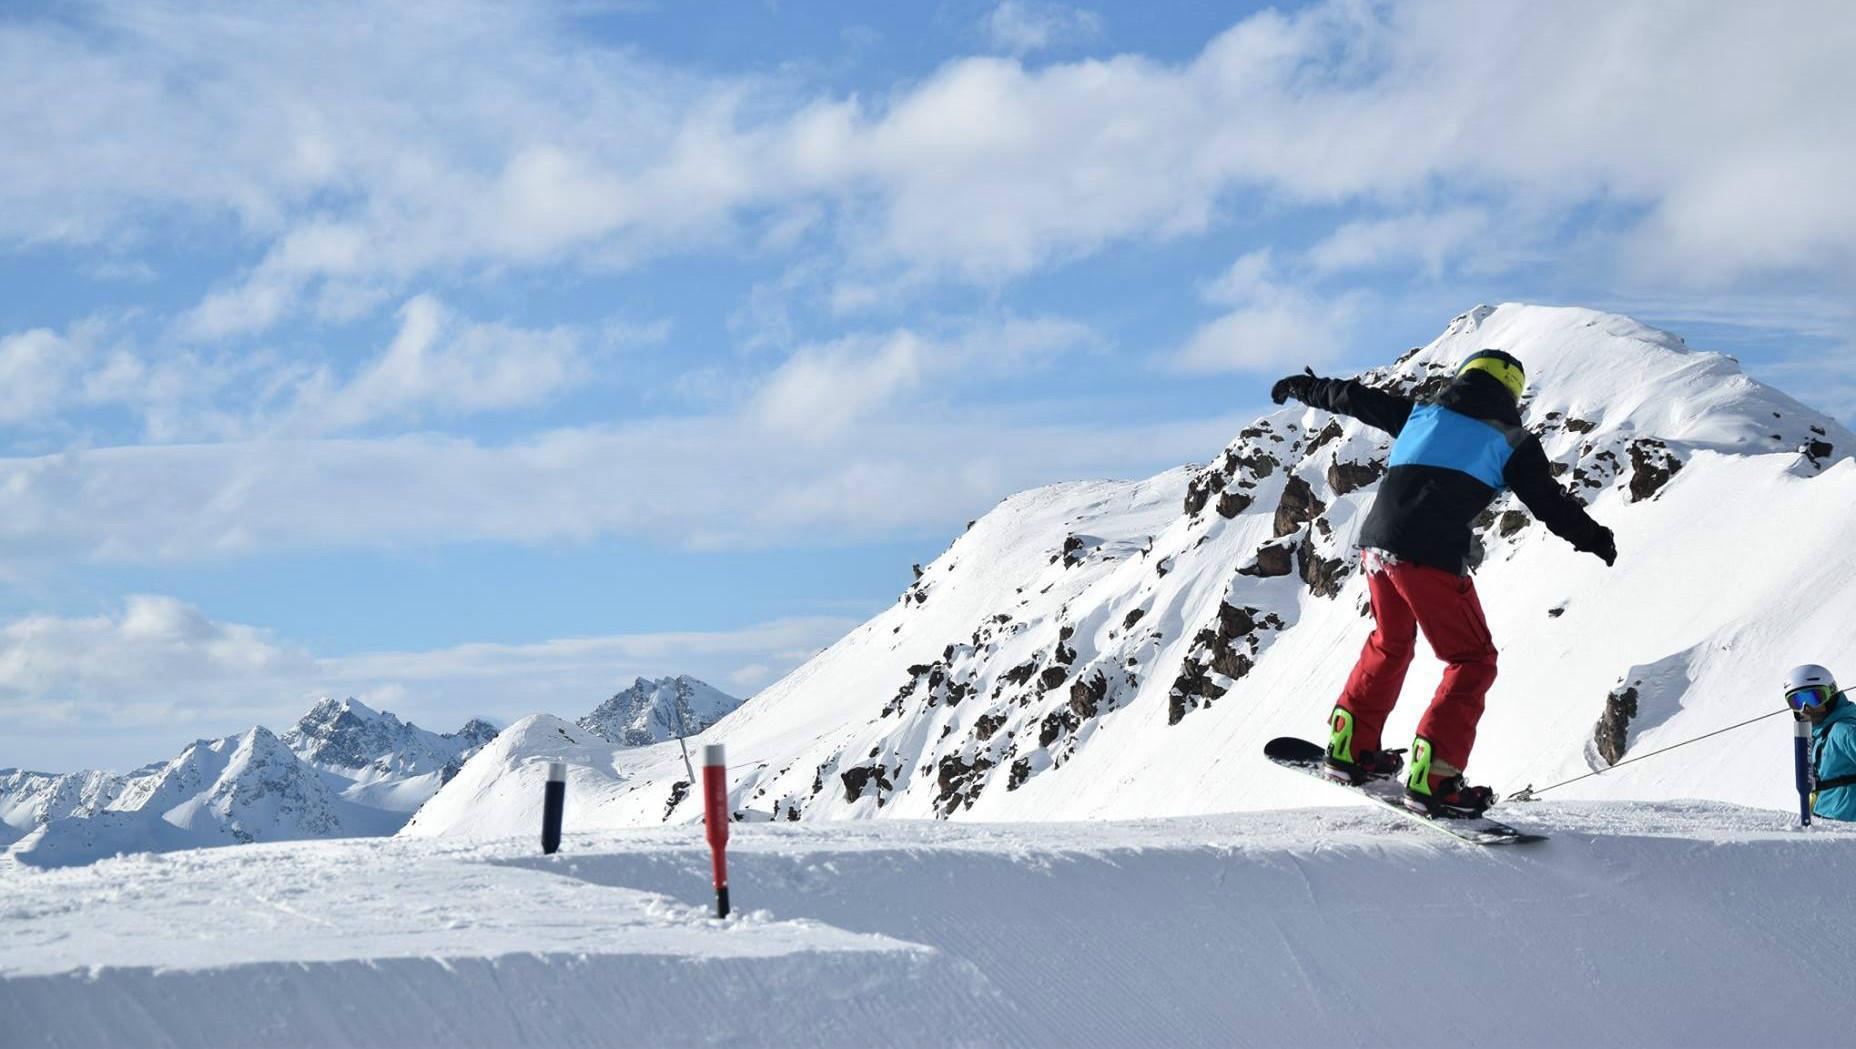 Snowboardkurs für Kinder (8-15 Jahre) - Alle Levels